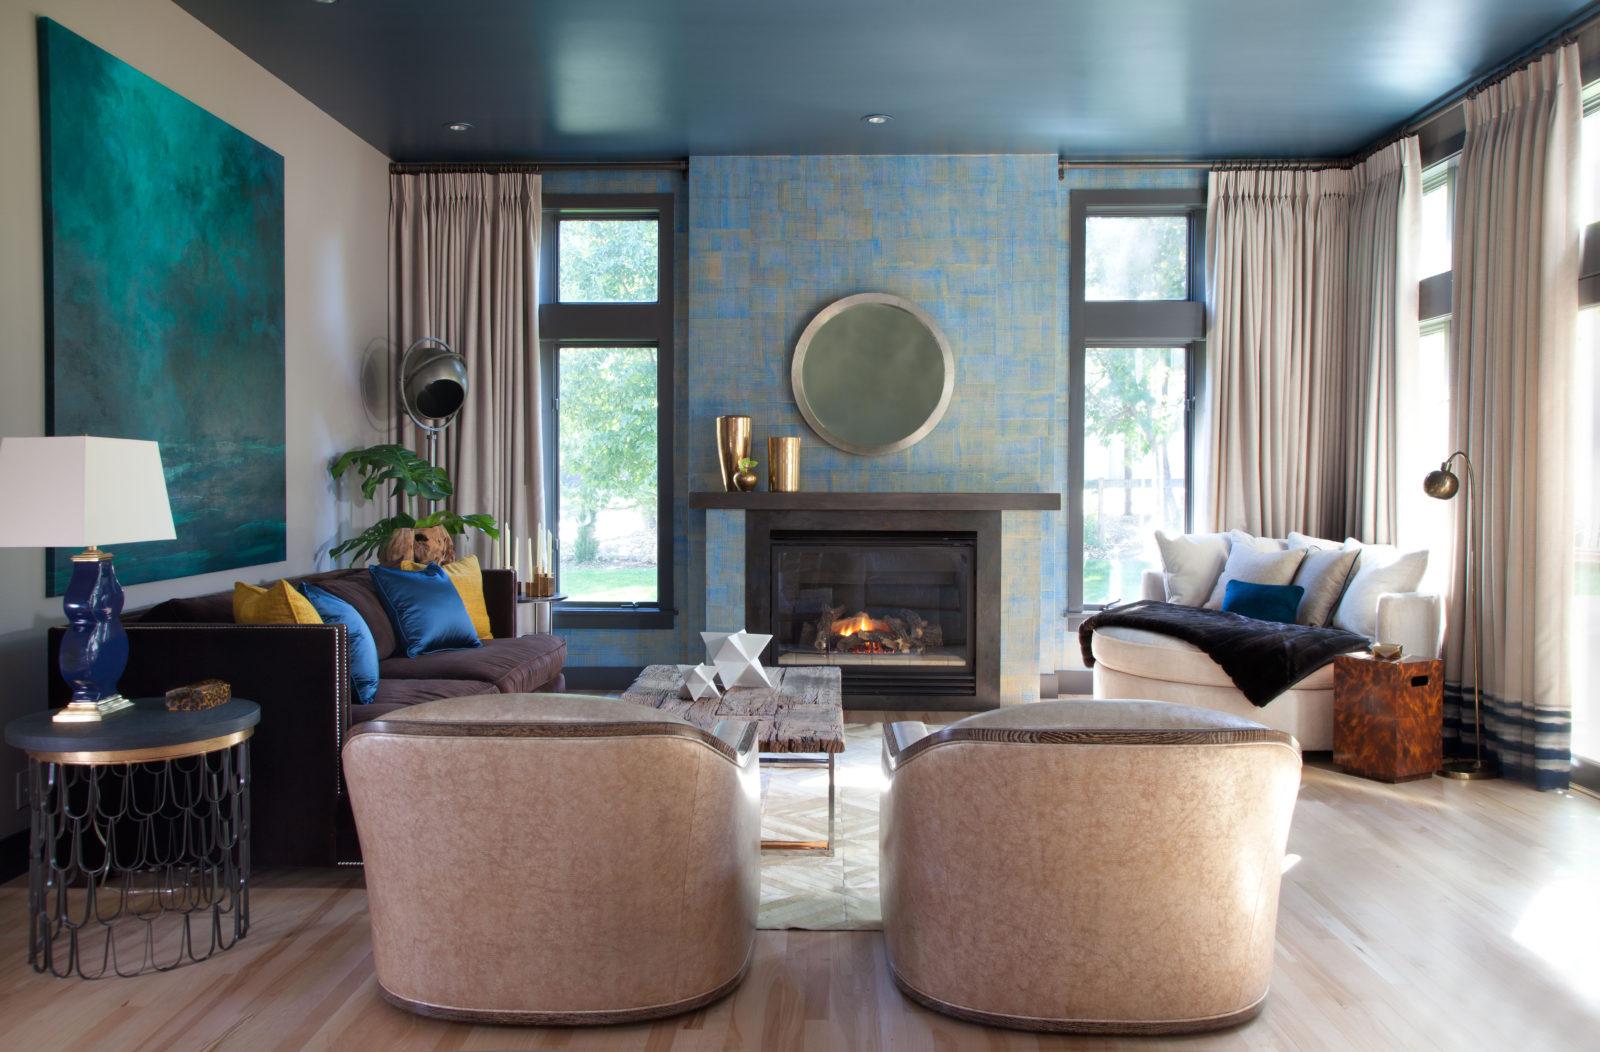 Top Denver Design - 5280 dedans Salon De Jardin California